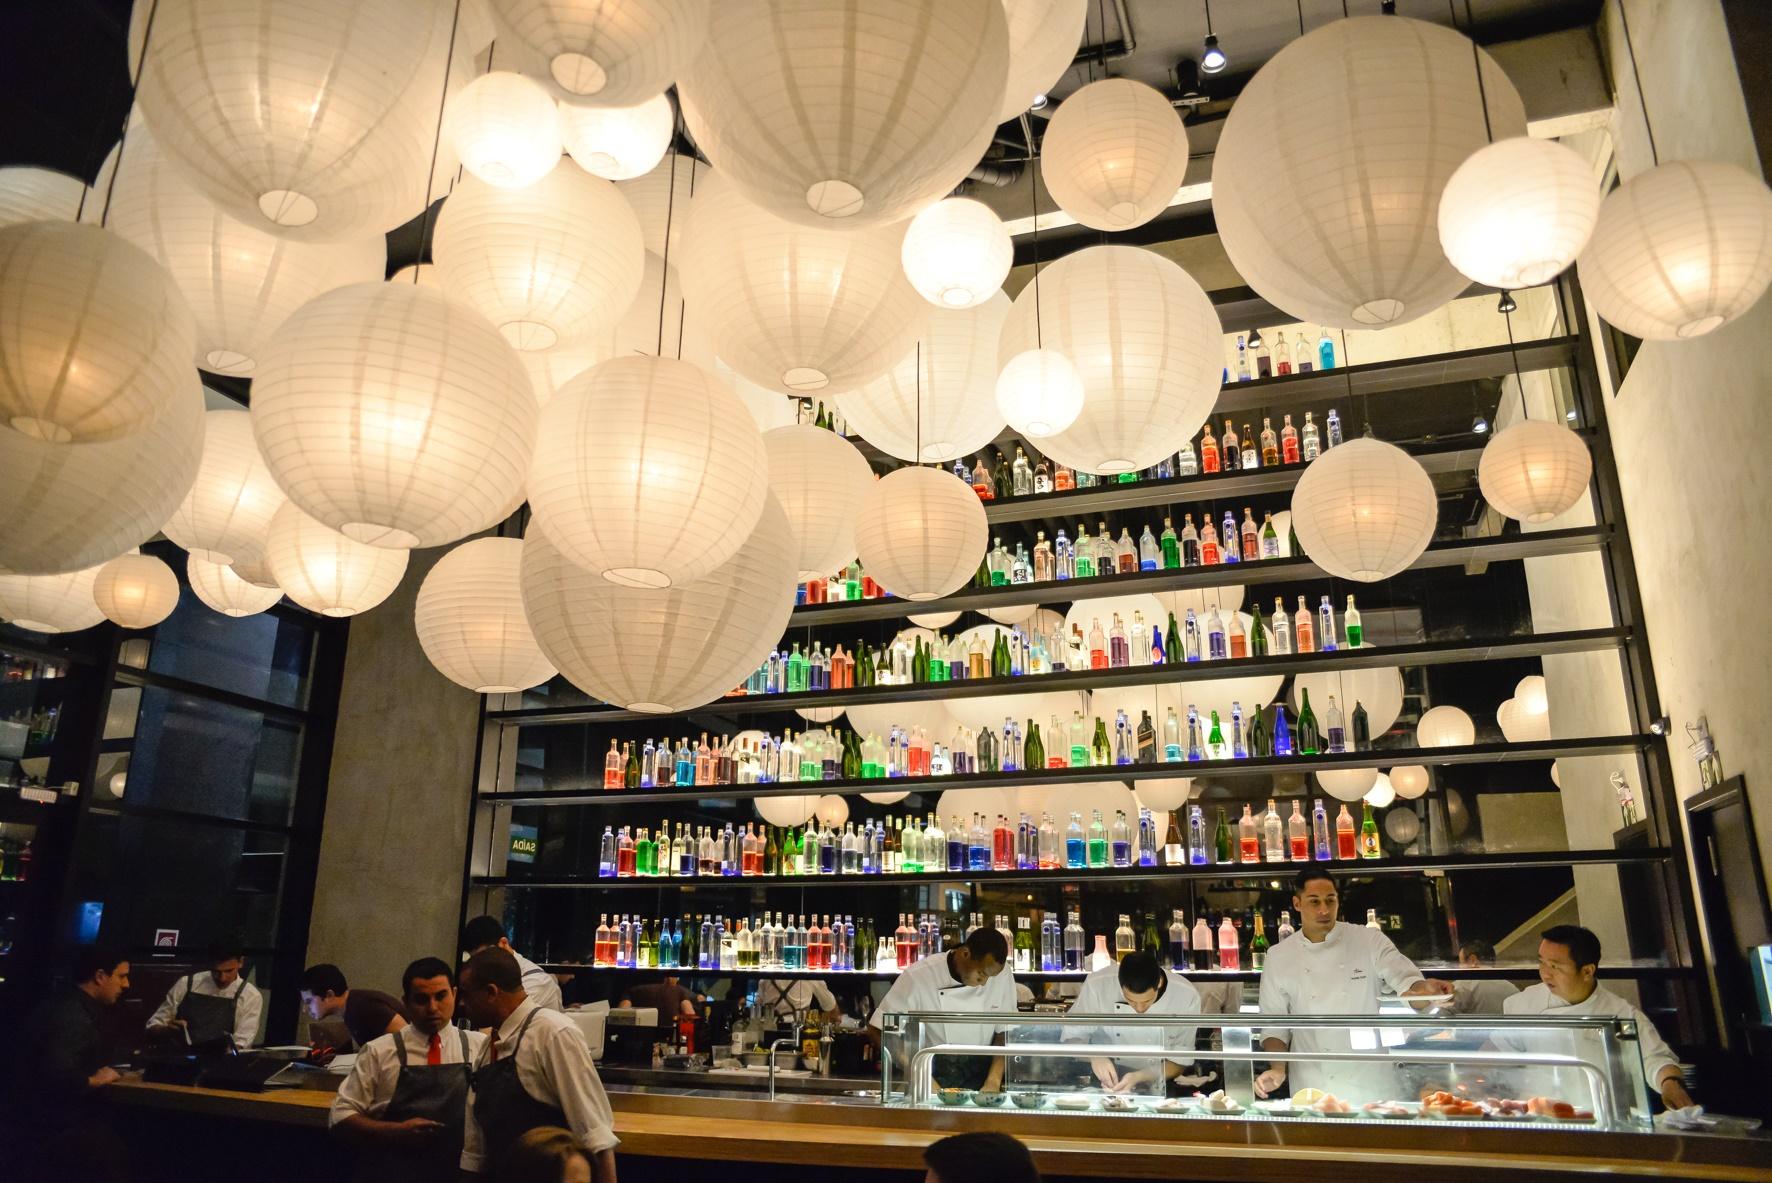 Restaurante japonês no Centro Cívico encerra as atividades em abril